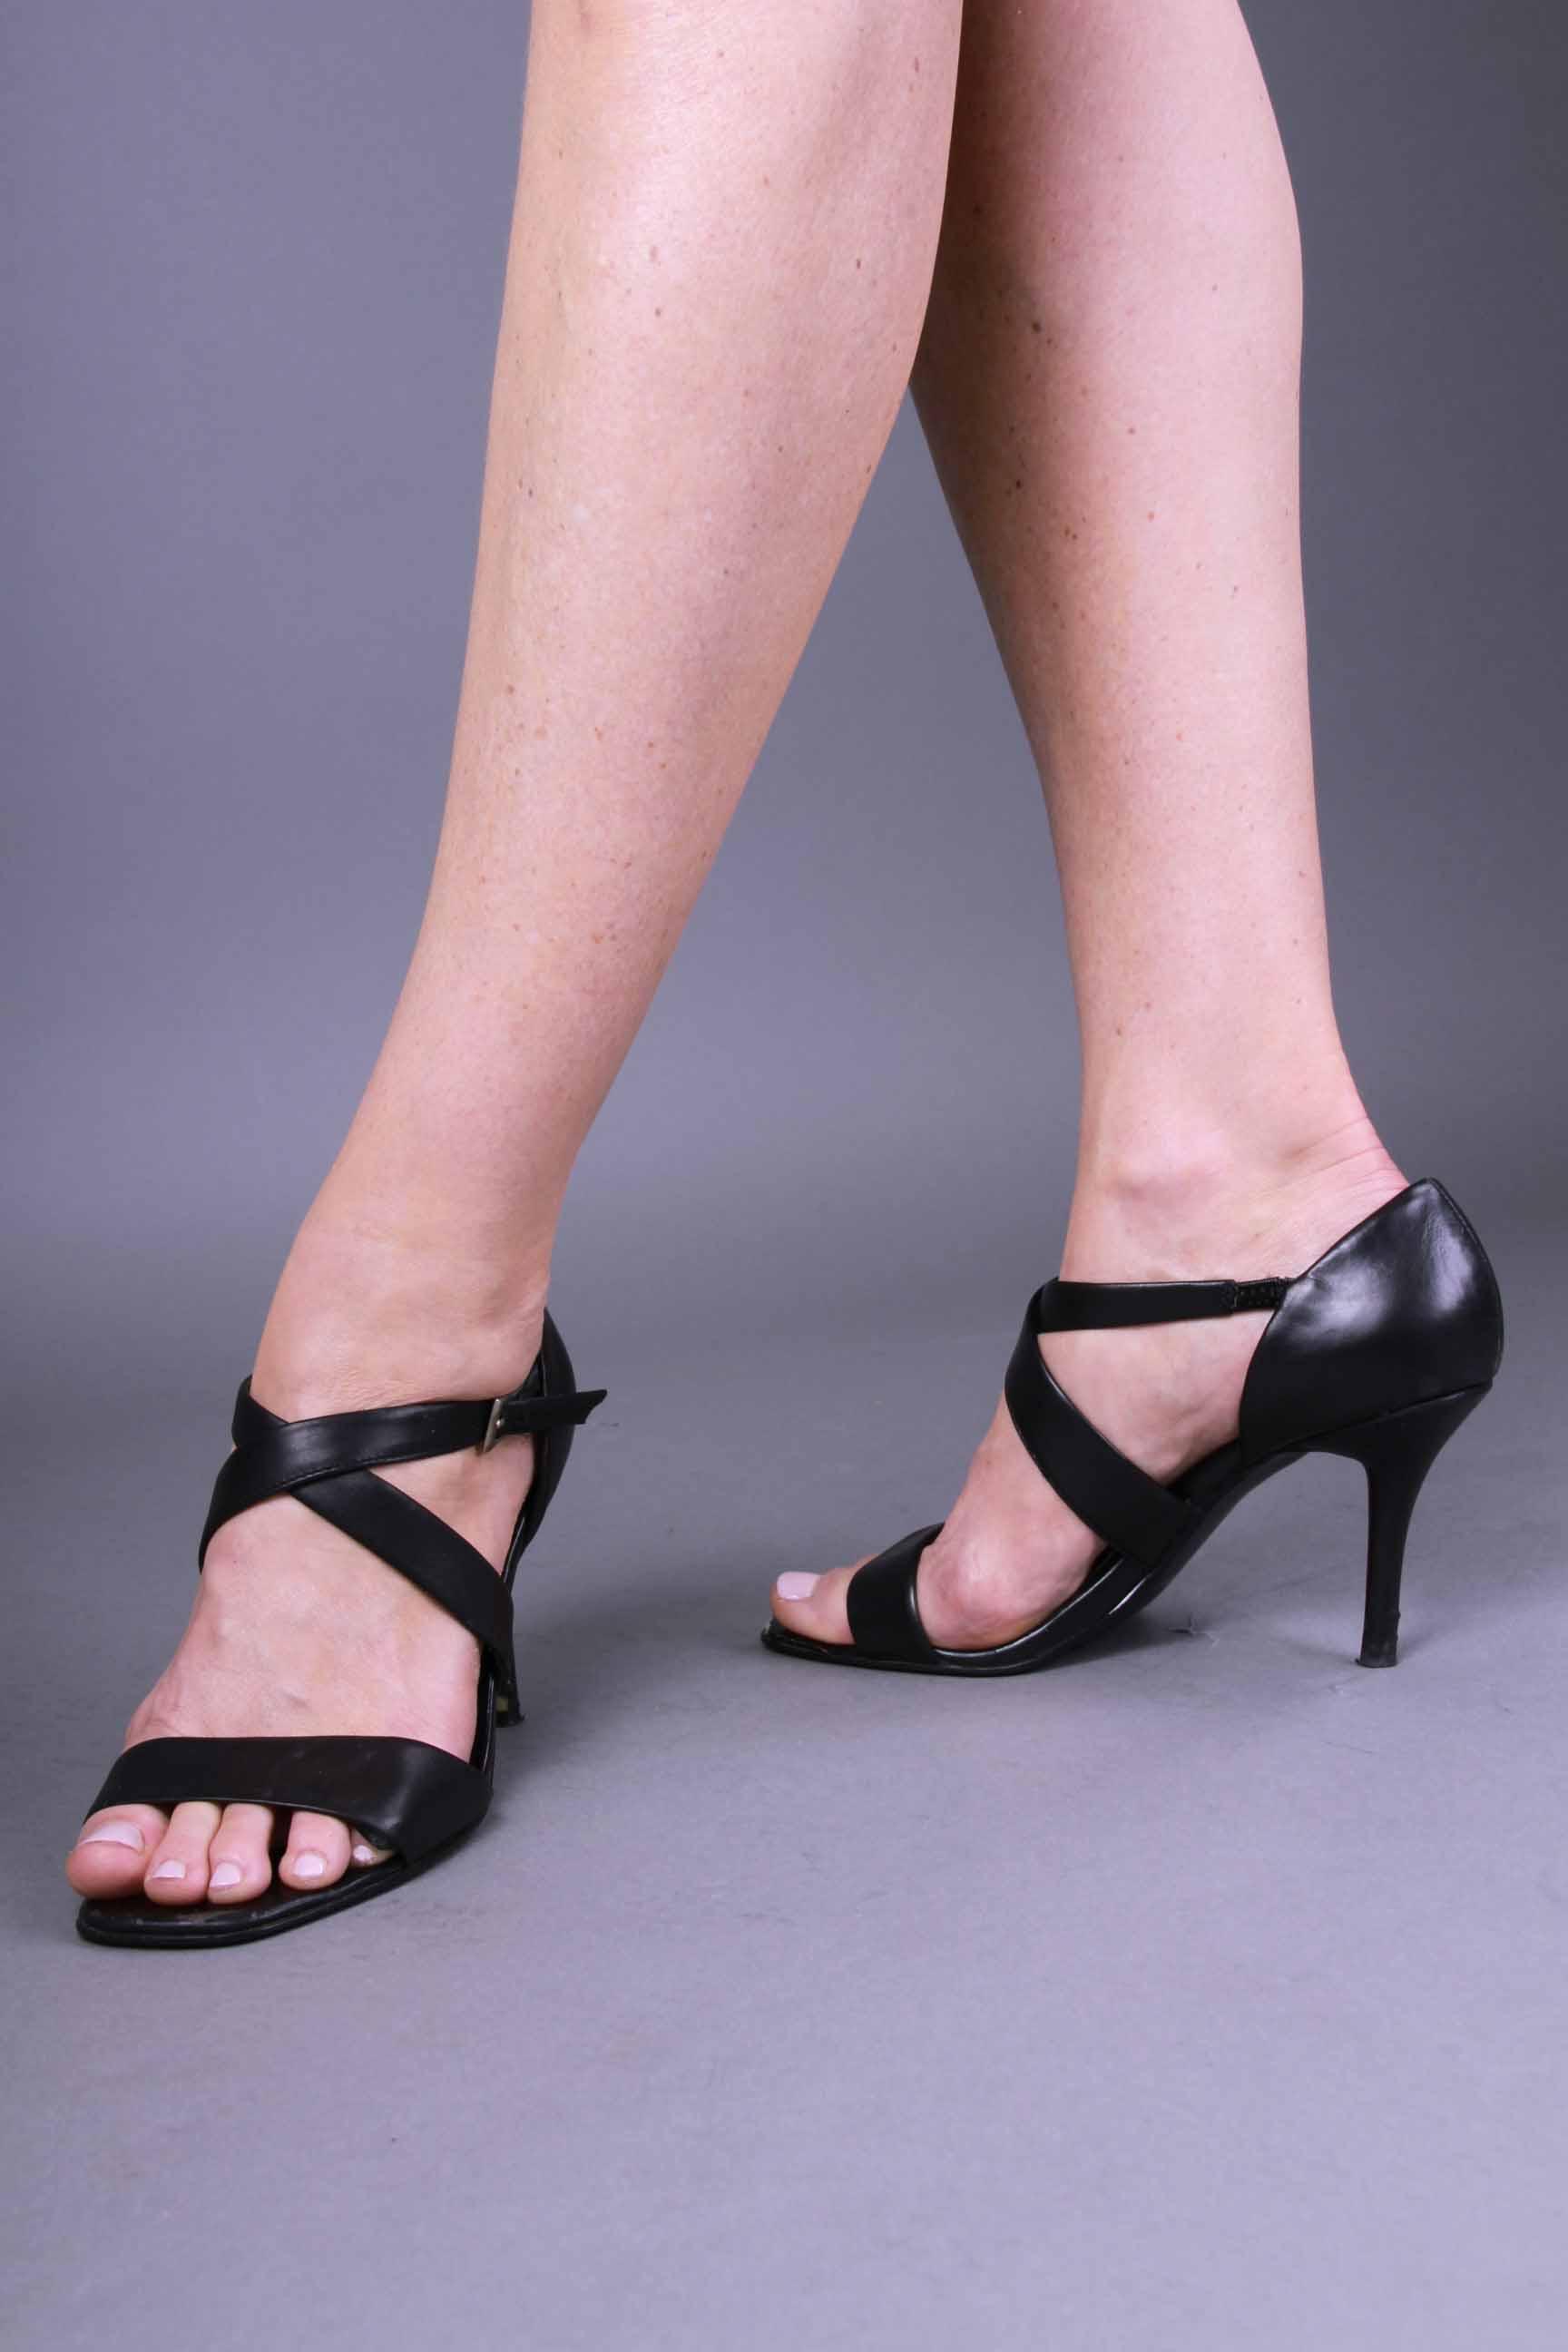 Ilka Urbach_Feet4